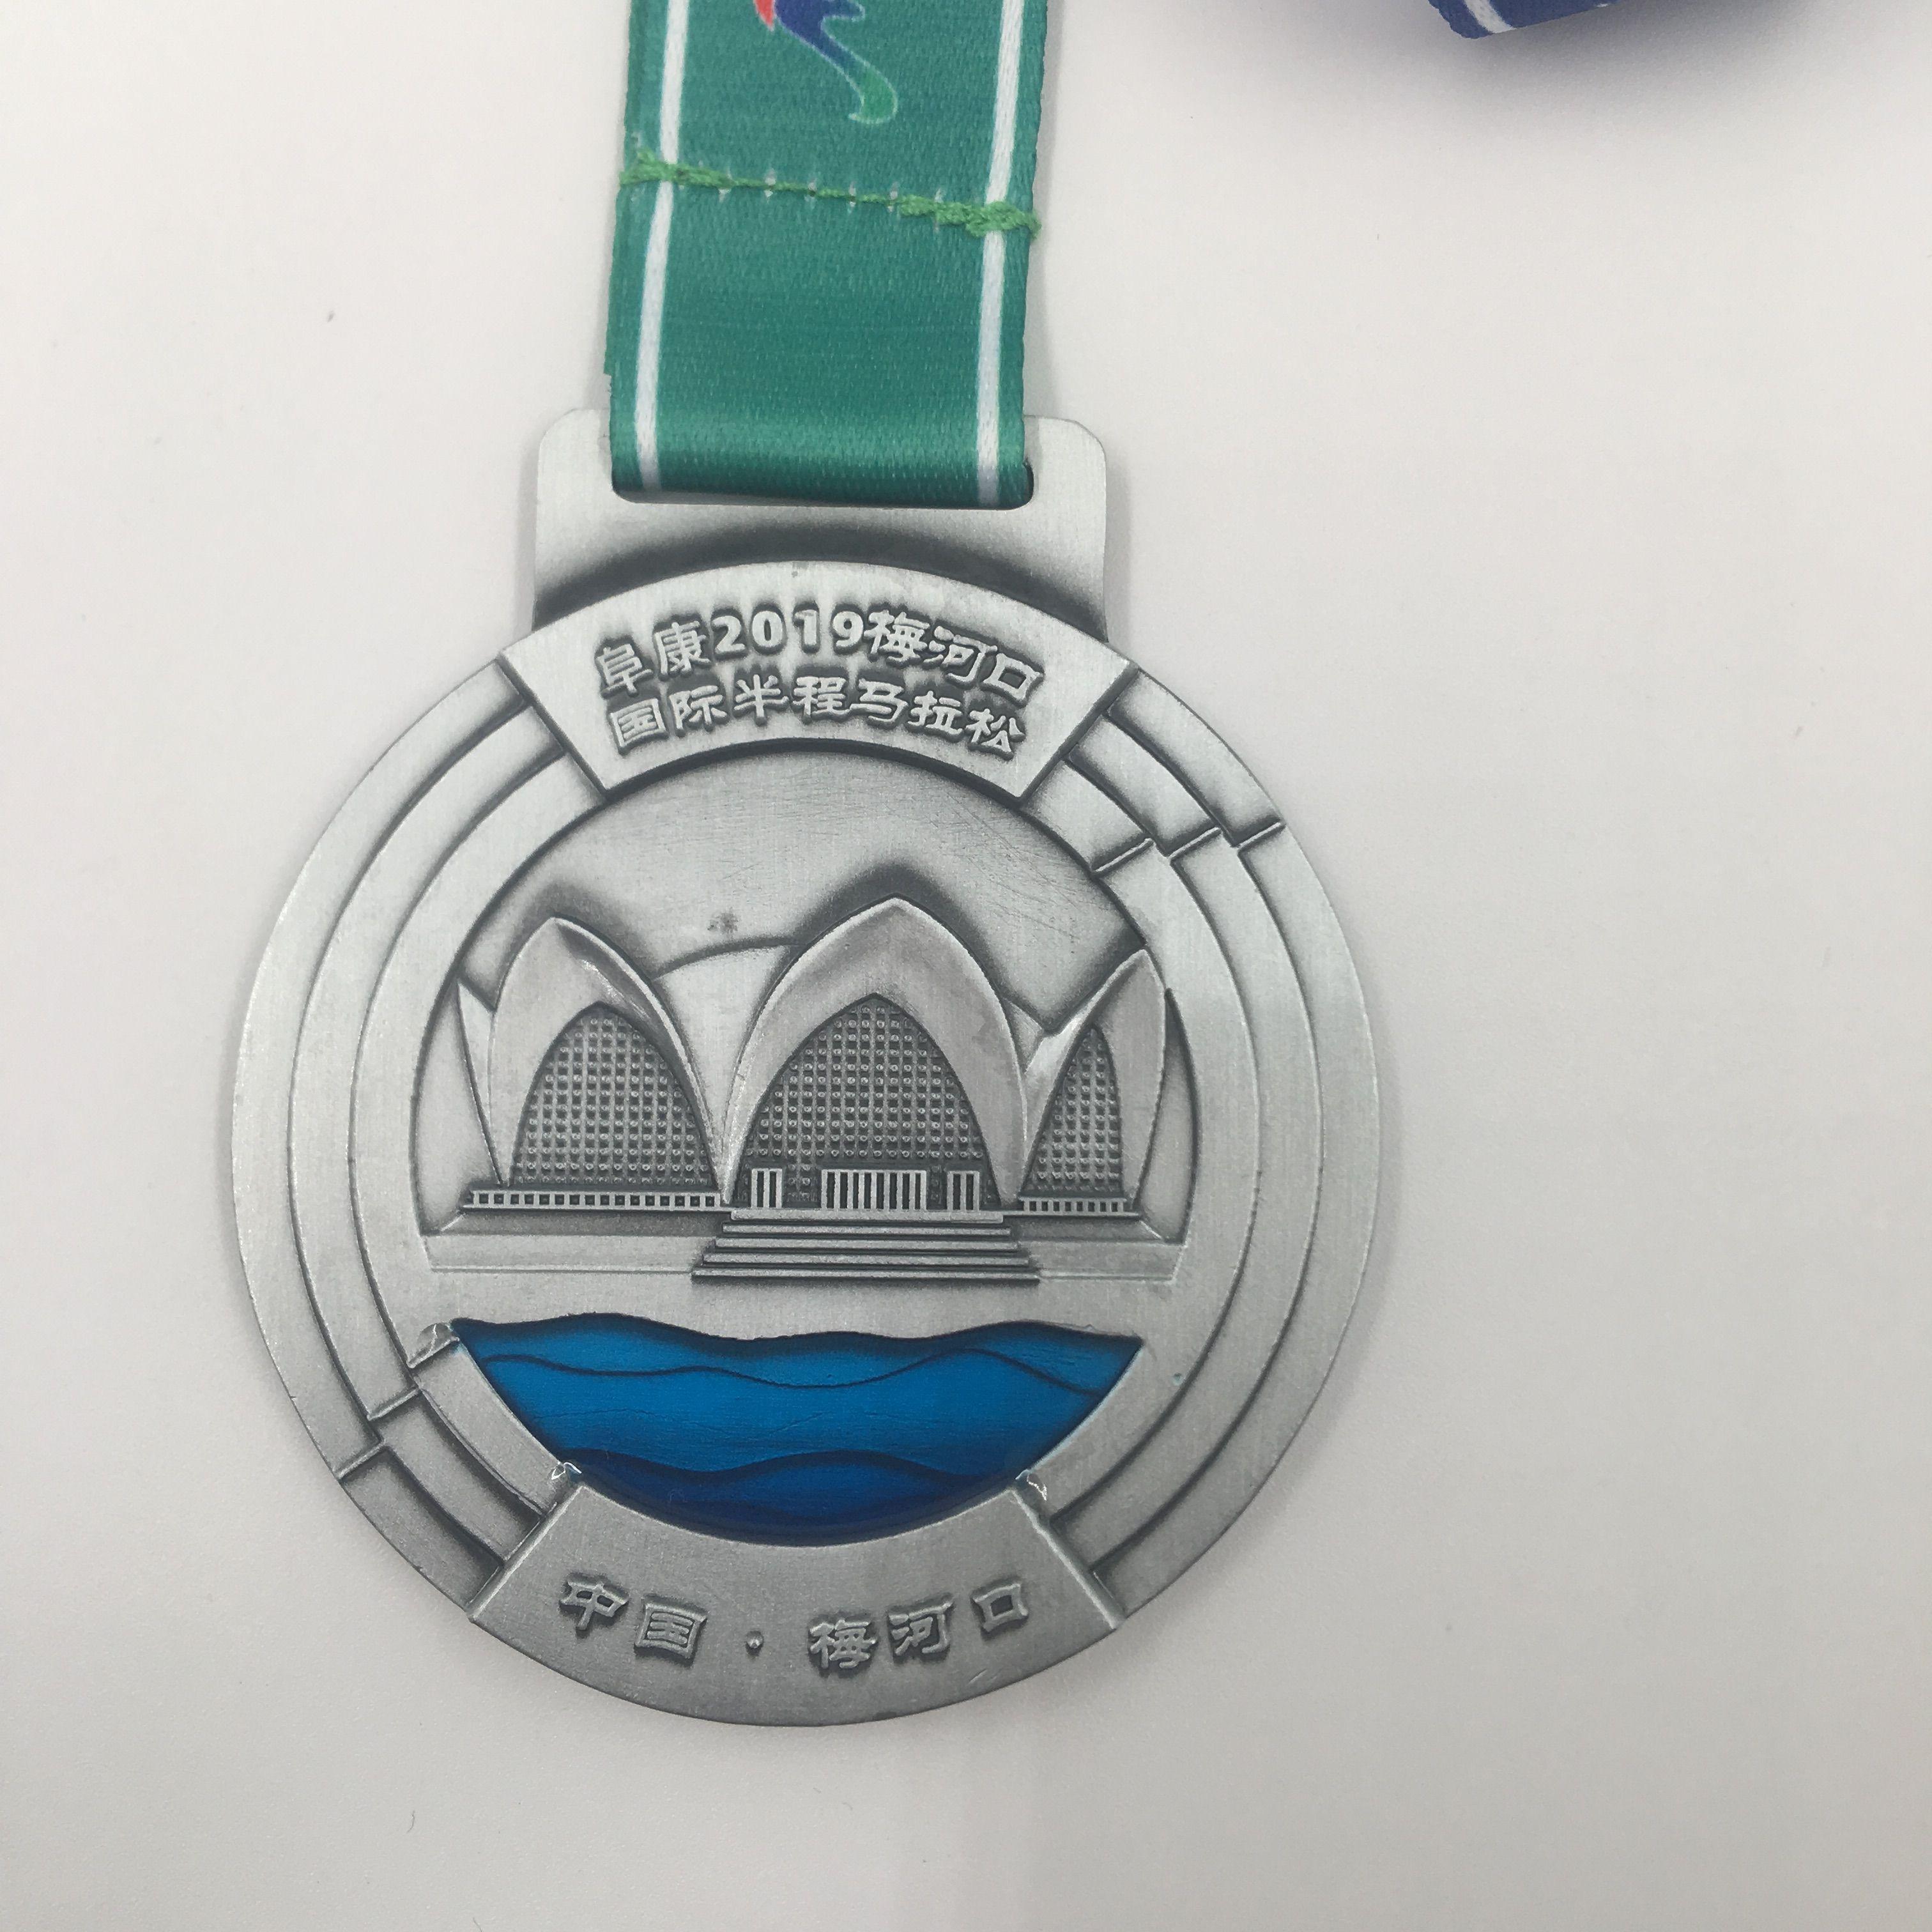 厂家定制金属学生运动会奖励挂牌通用马拉松锌合金纪念比赛奖牌